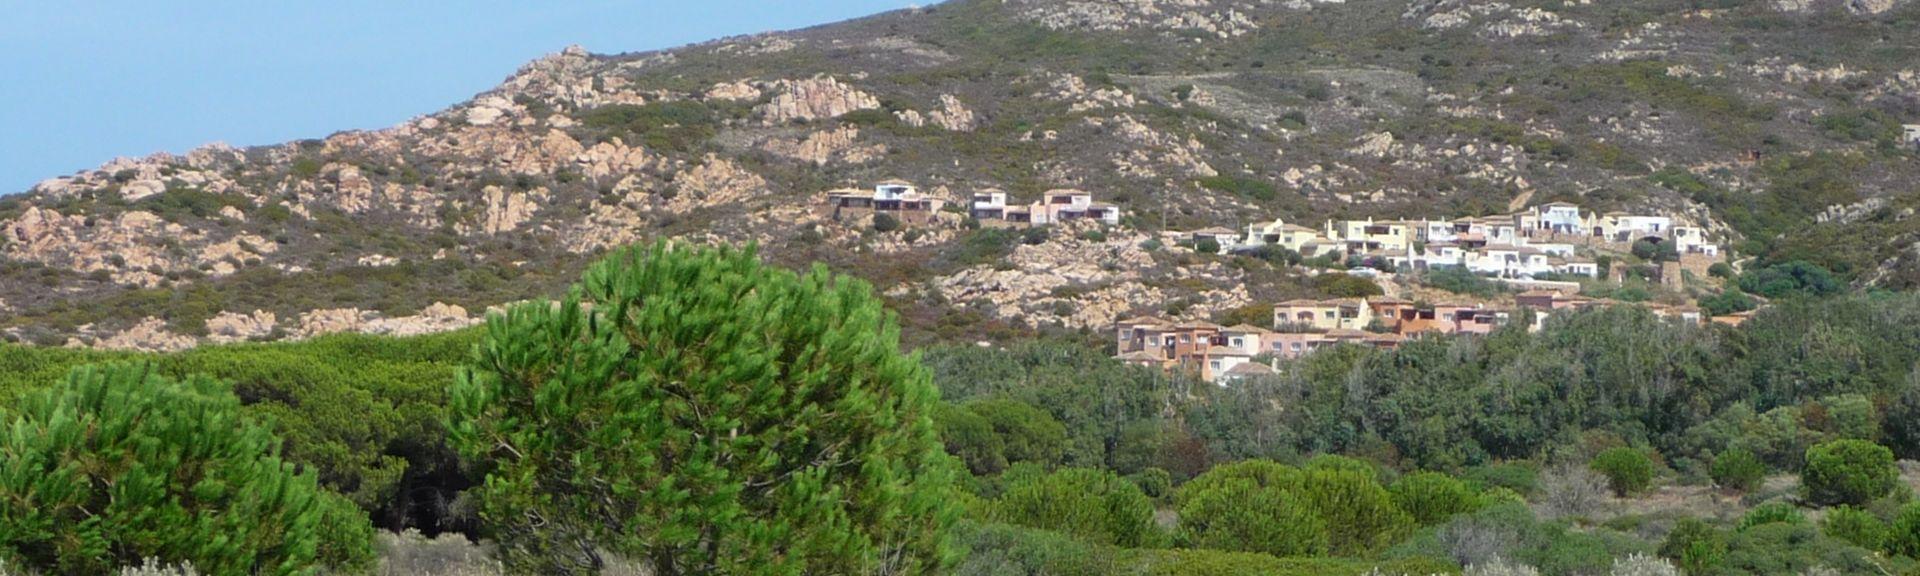 Aglientu, Sardinien, Italien